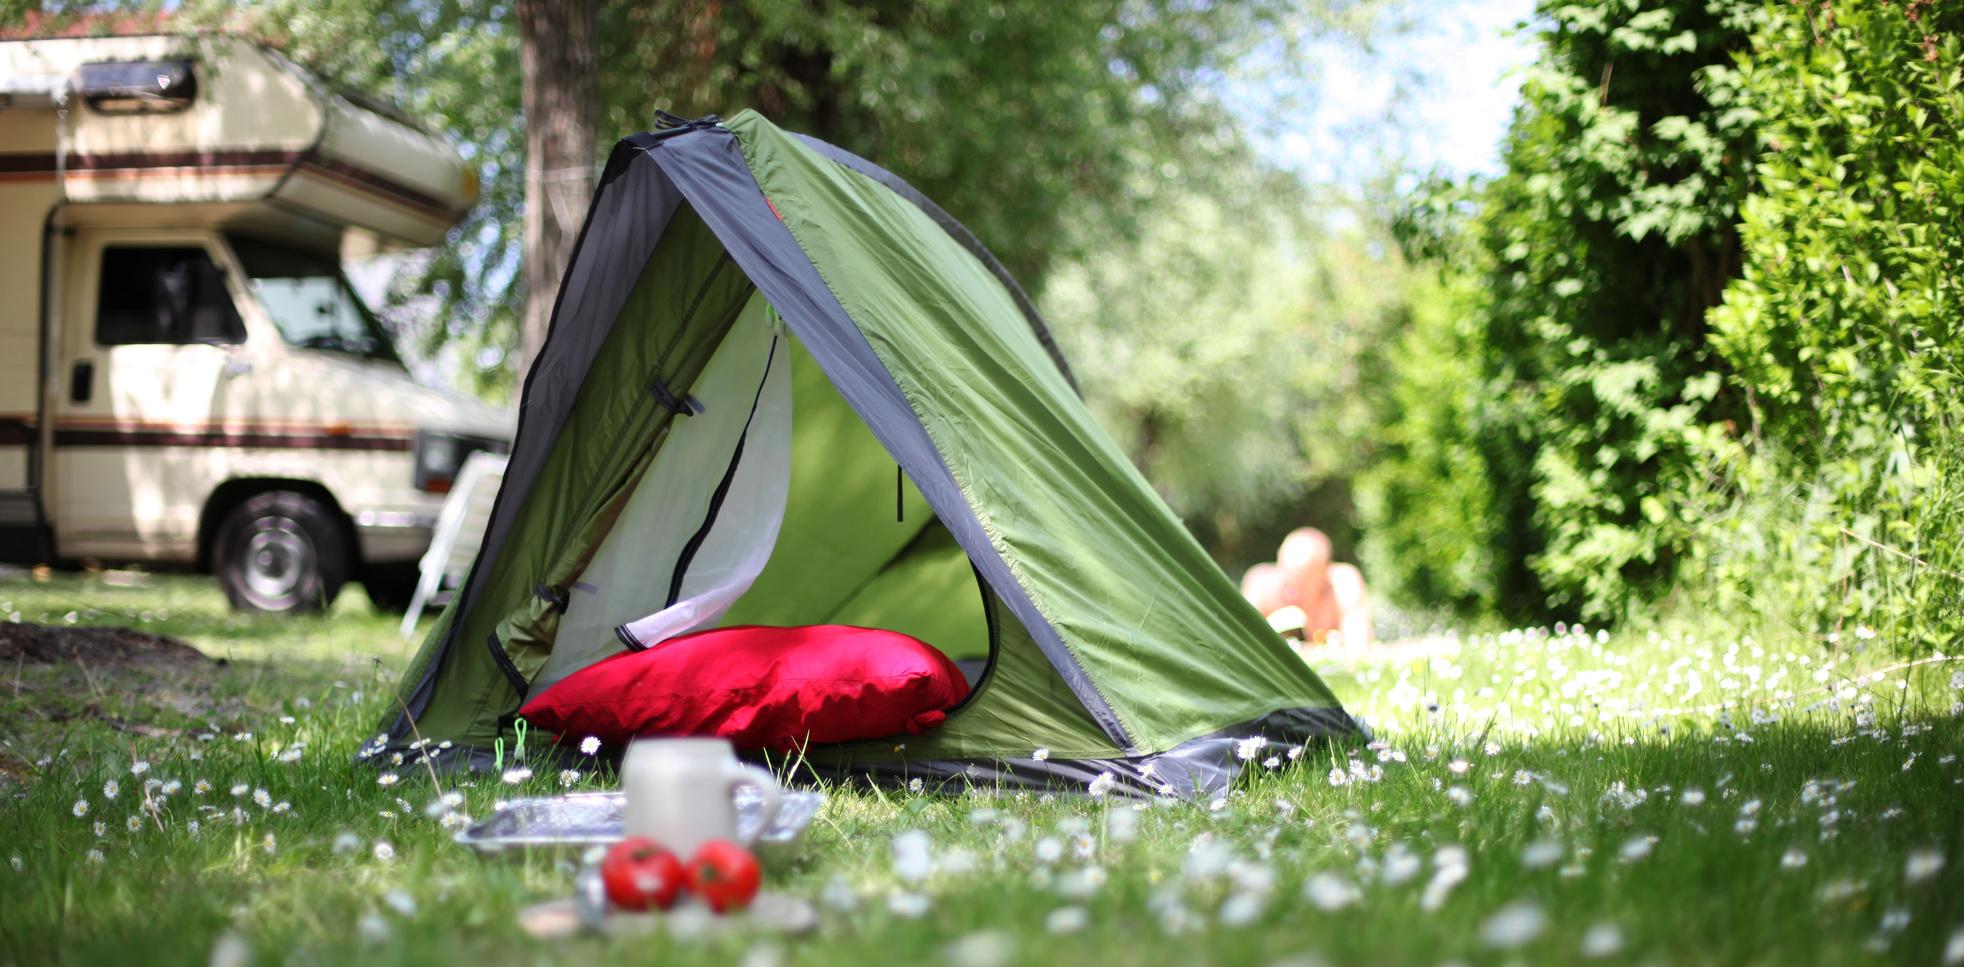 Zelt auf einer gruenen Wiese, im Hintergrund ein Wohnmobil